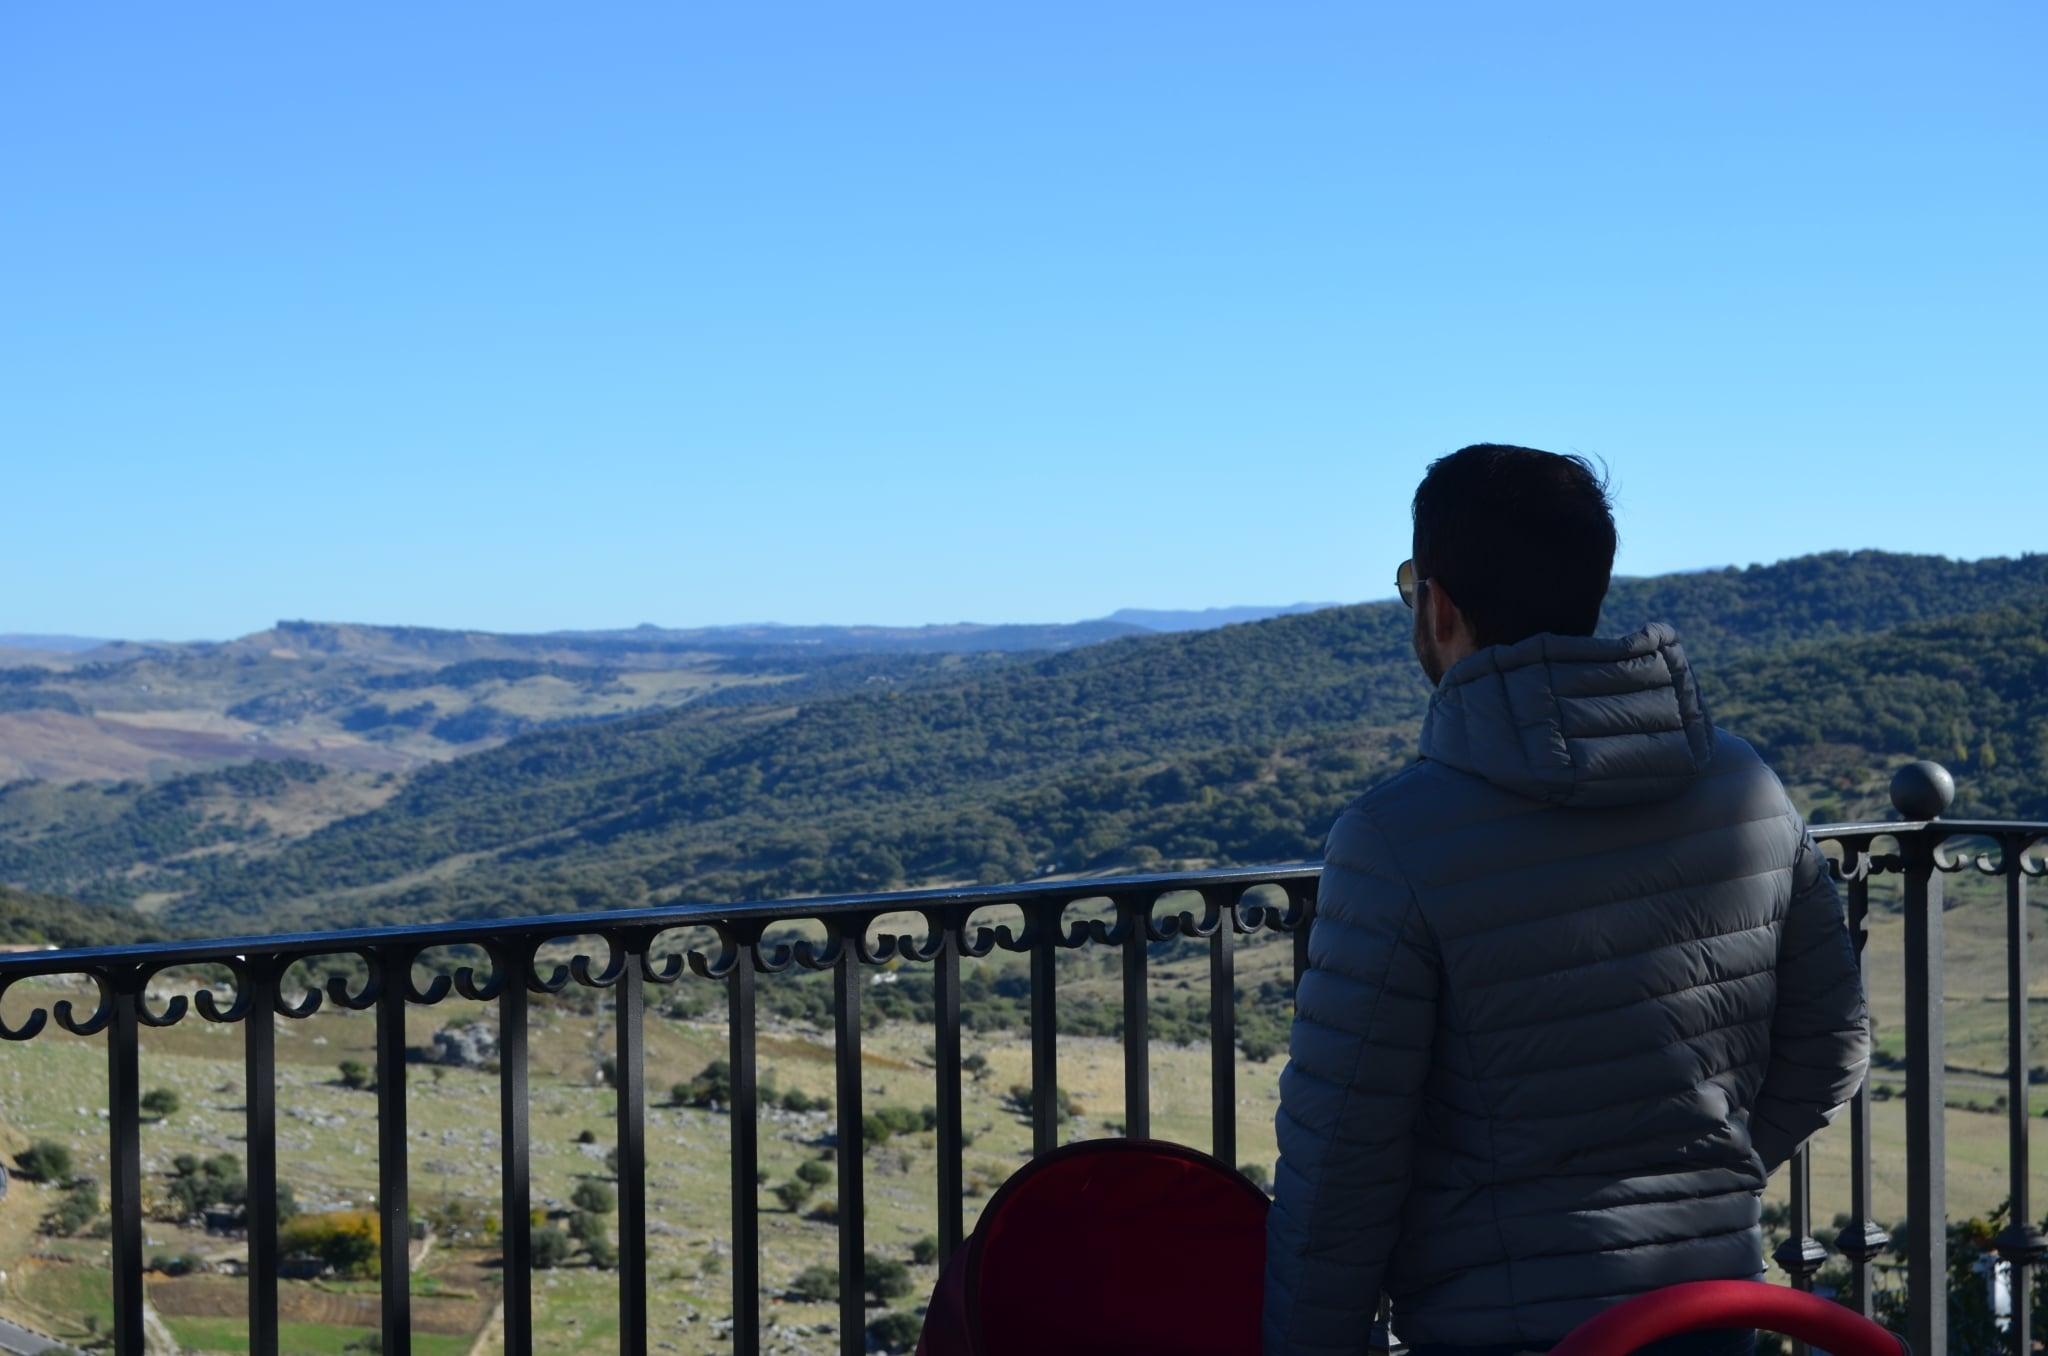 mirador grazalema, lugar pernoctar auticaravana